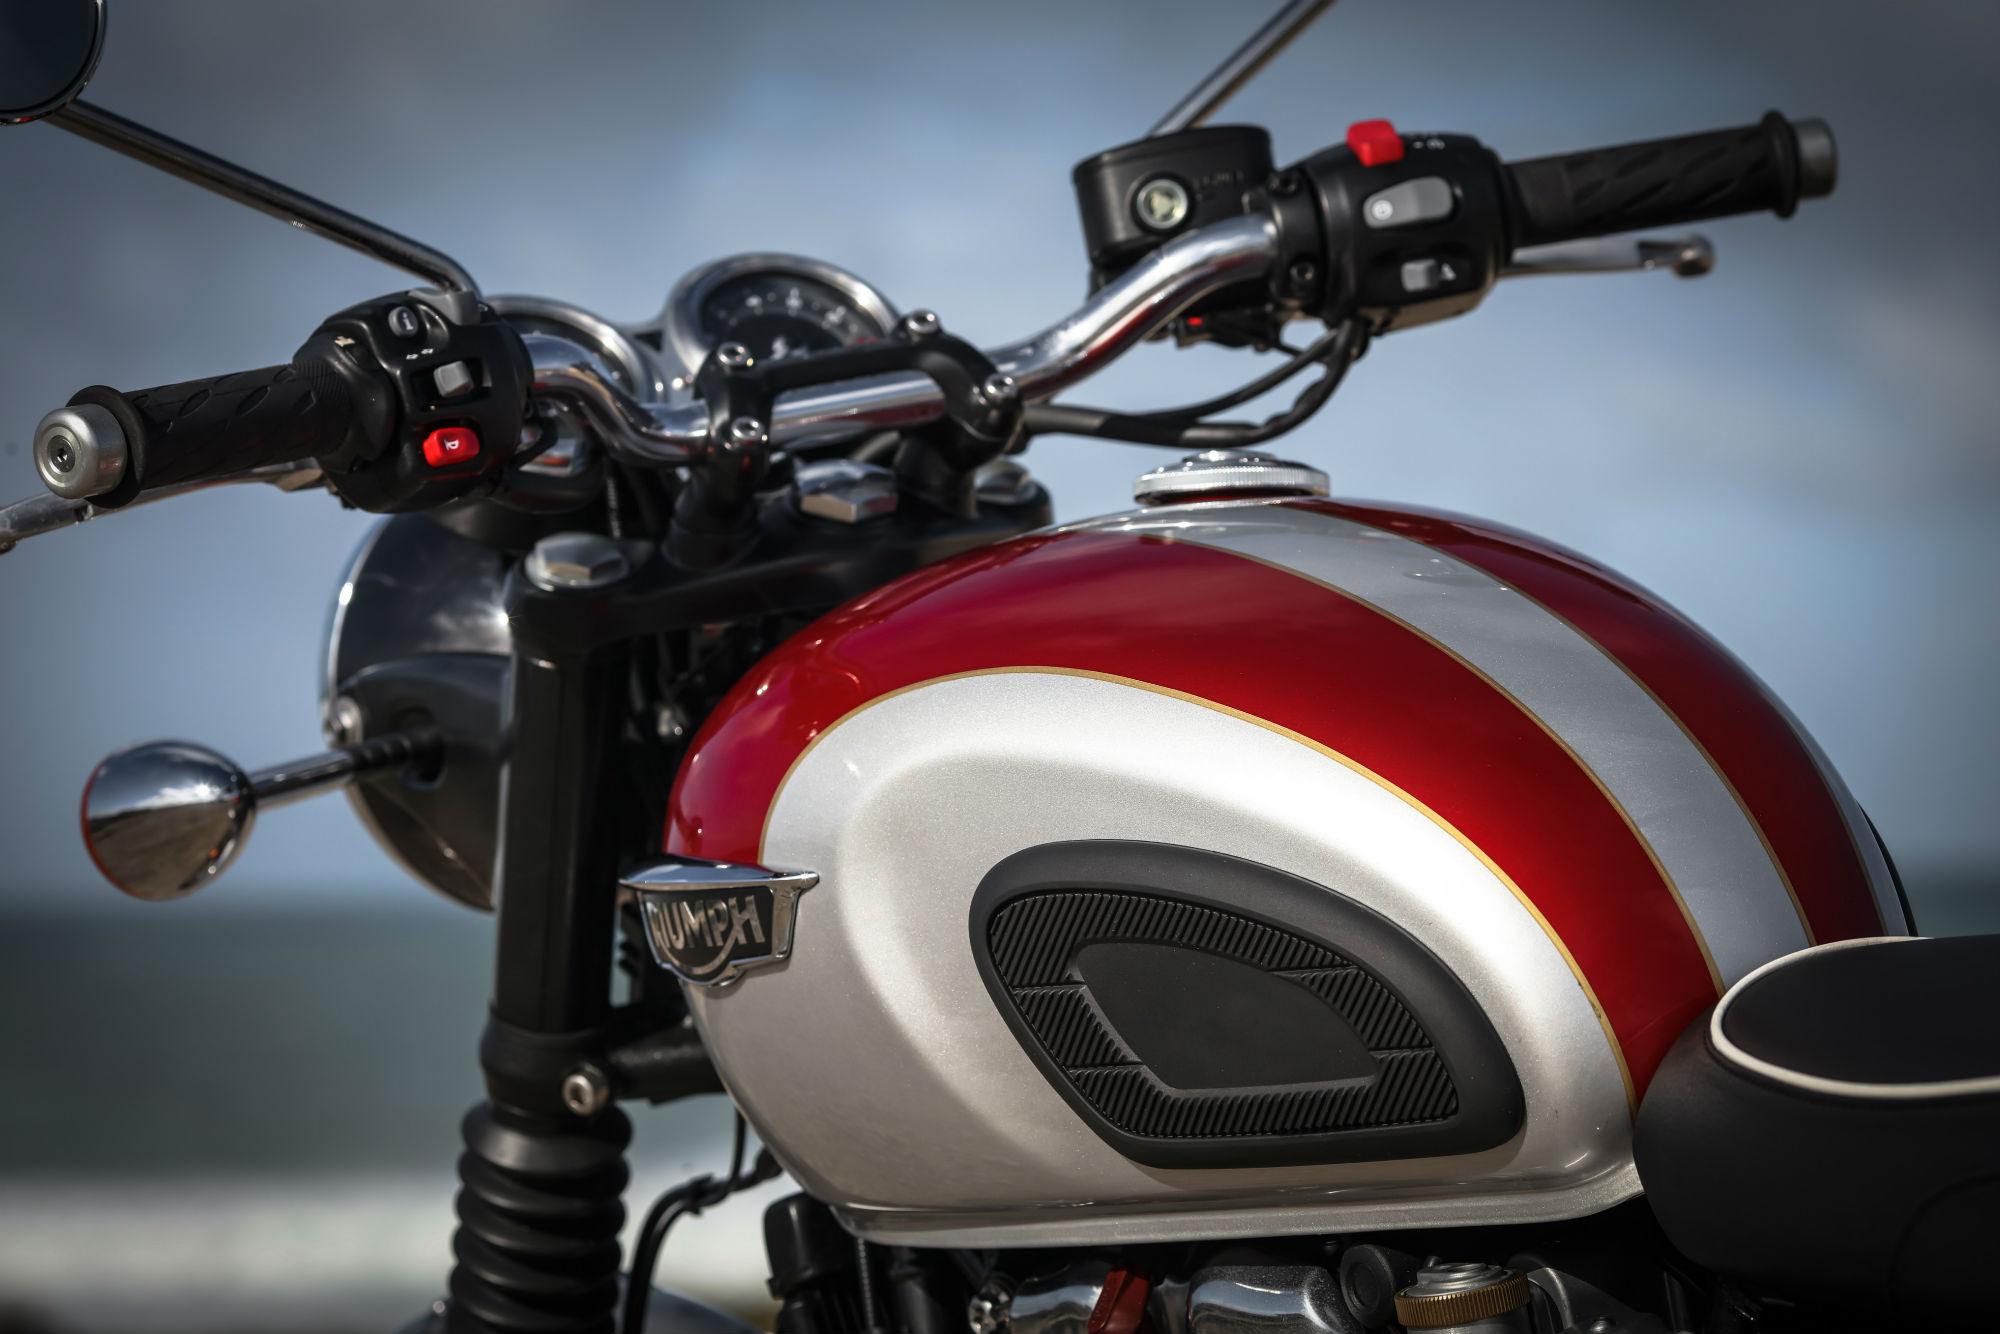 triumph bonneville t120 review with spec | visordown